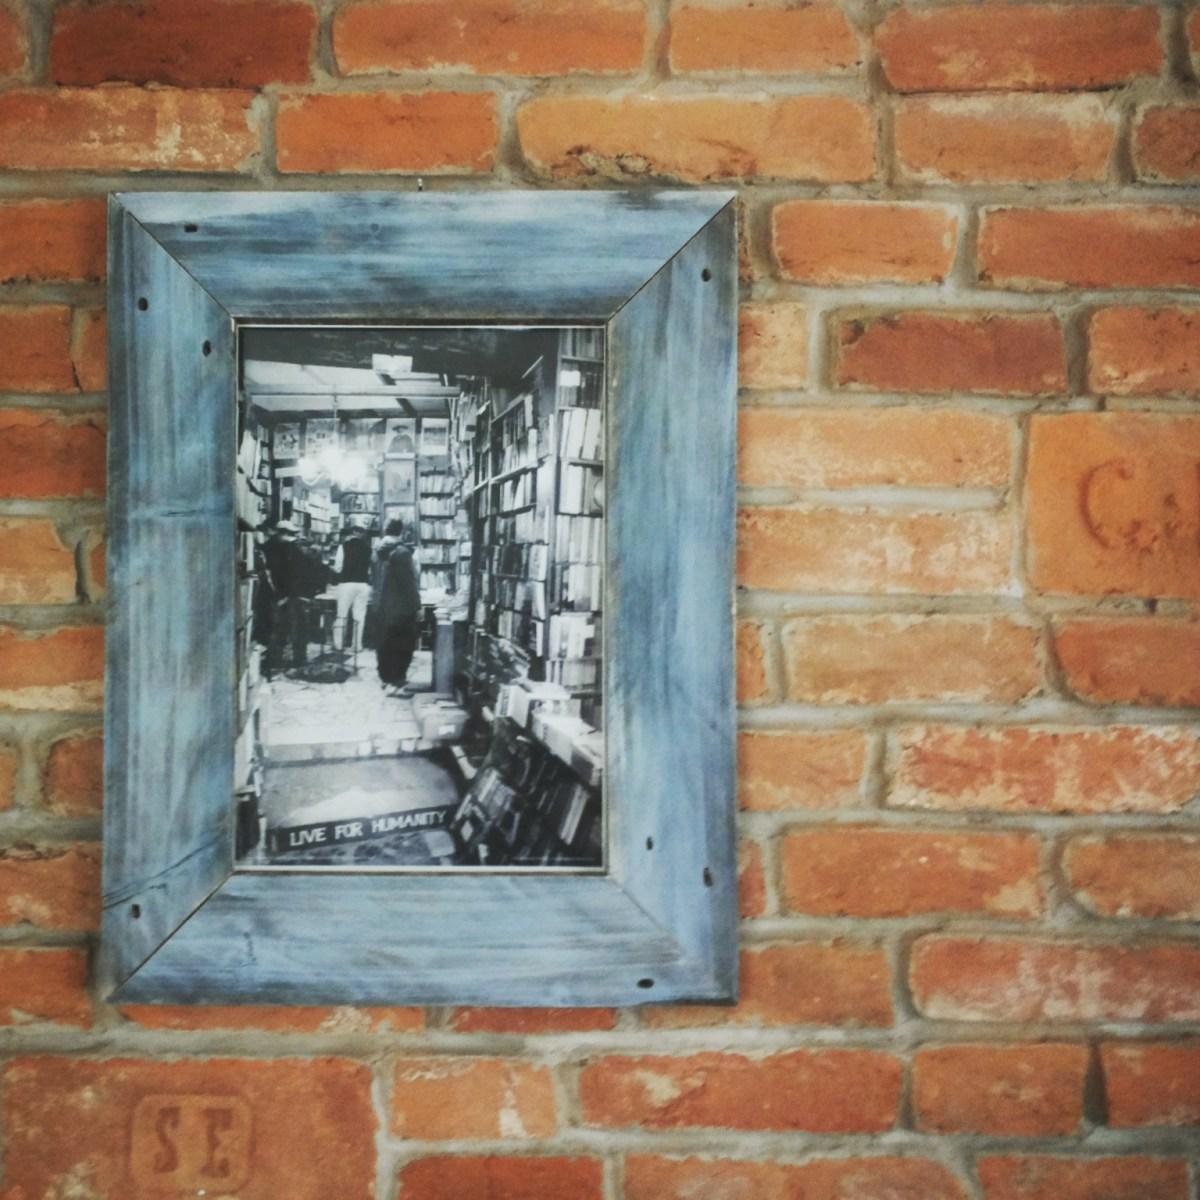 vintage bilderrahmen aus palettenholz ☆ cafe tel aviv, budapest